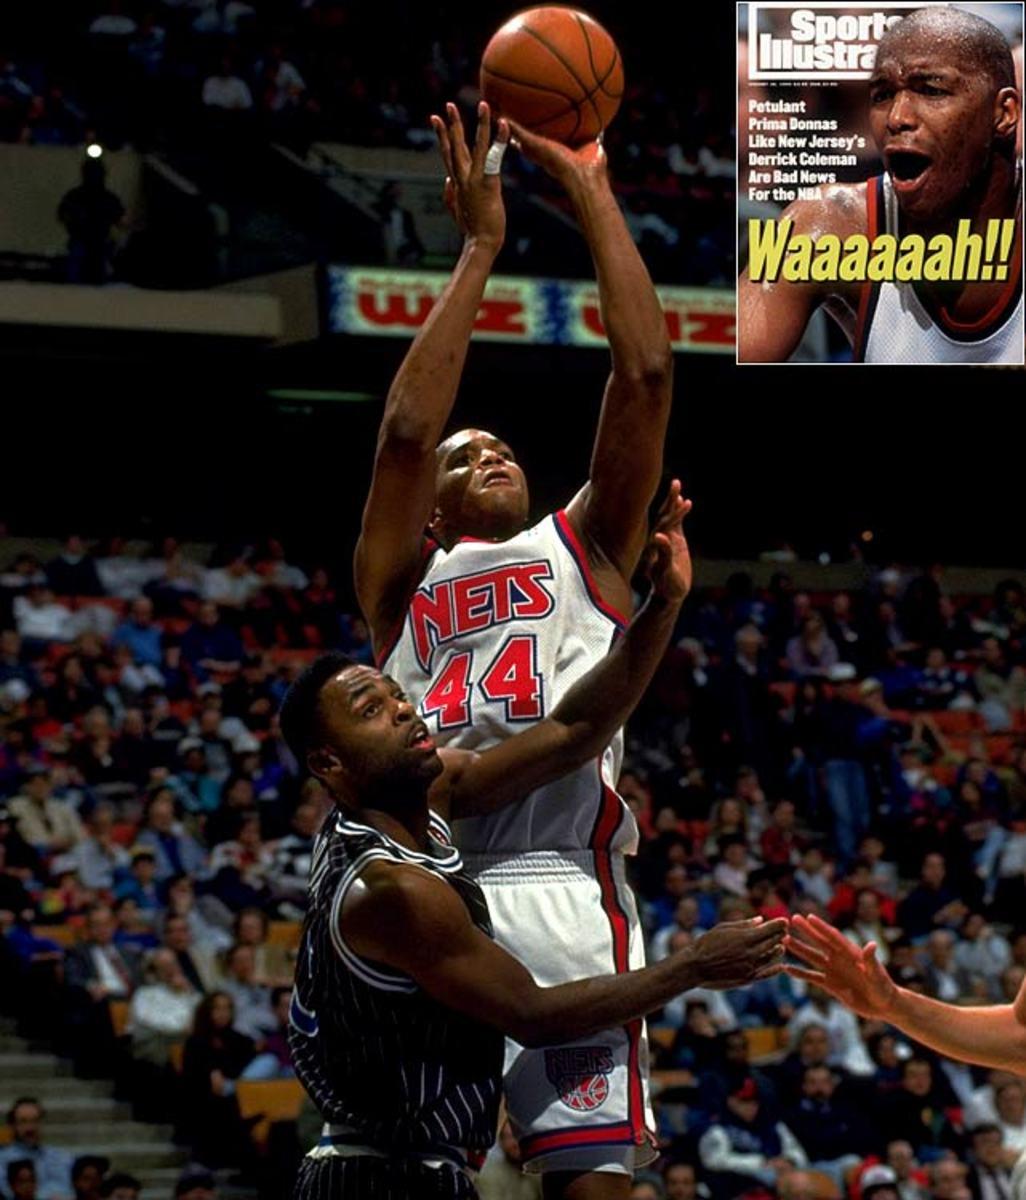 1990: Derrick Coleman